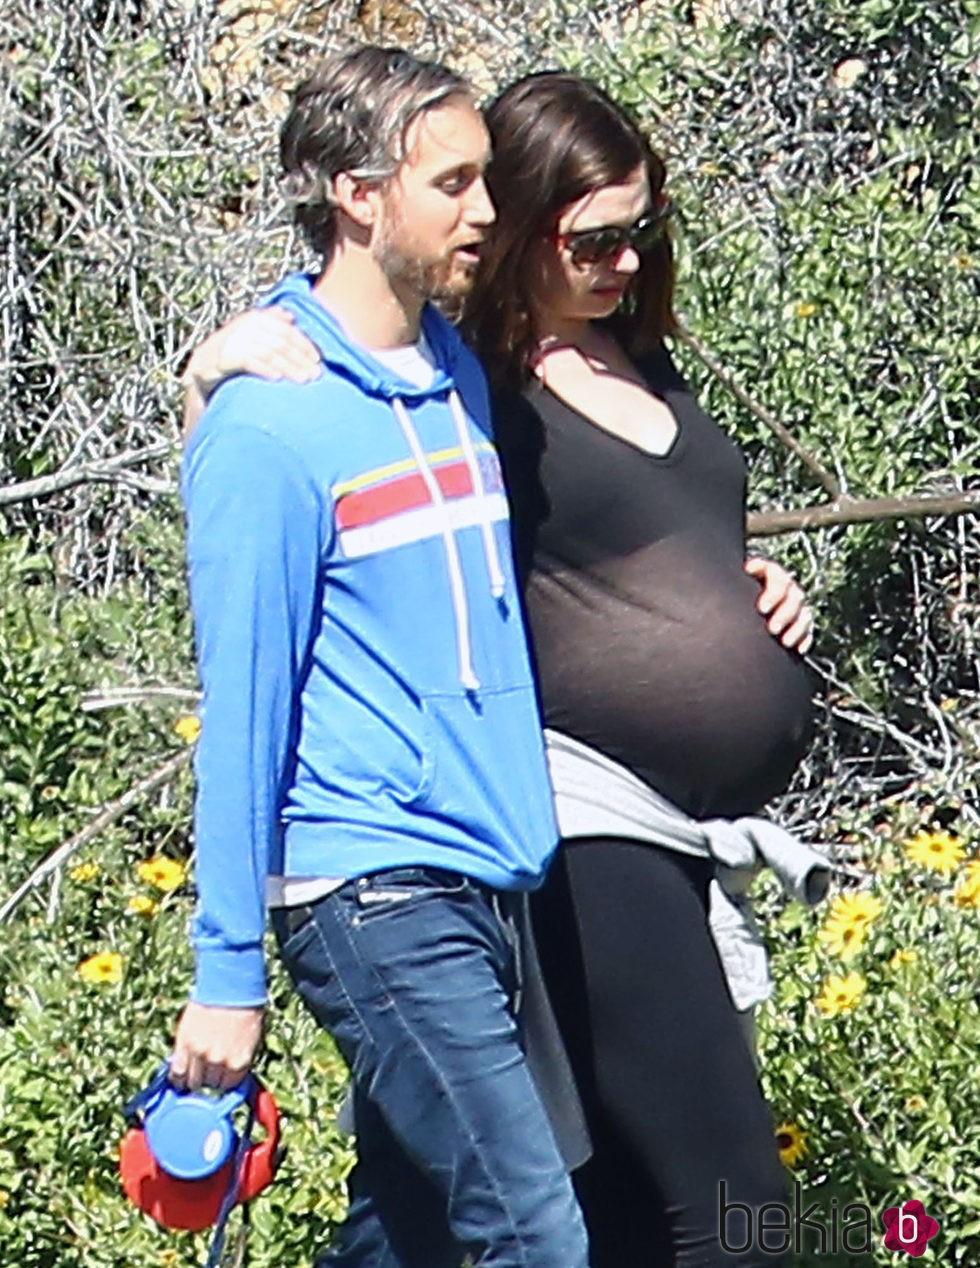 Anne Hathaway paseando junto a su marido en un día al aire libre en Los Ángeles